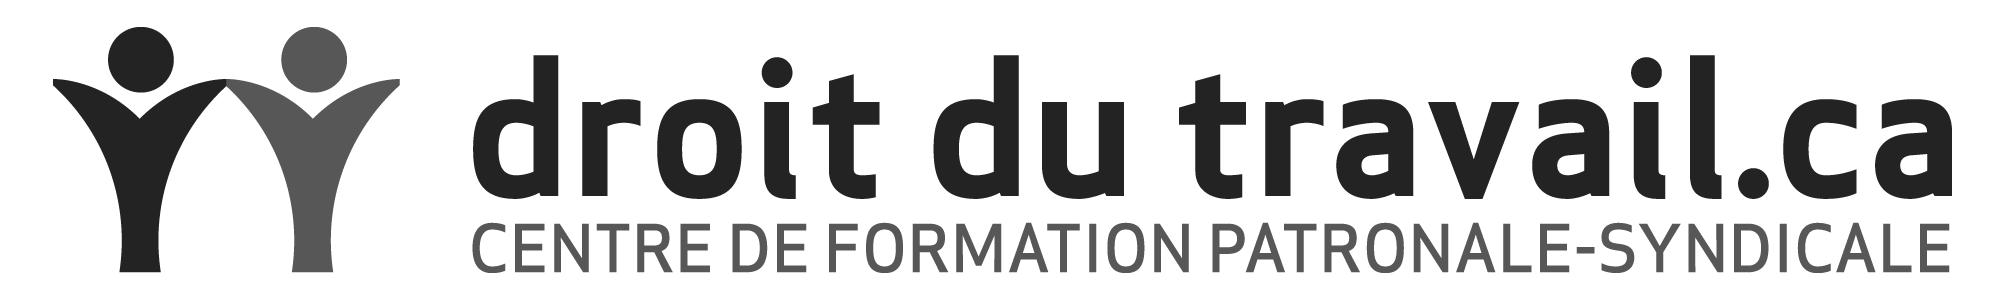 Droitdutravail.ca - centre de formation patronale-syndicale